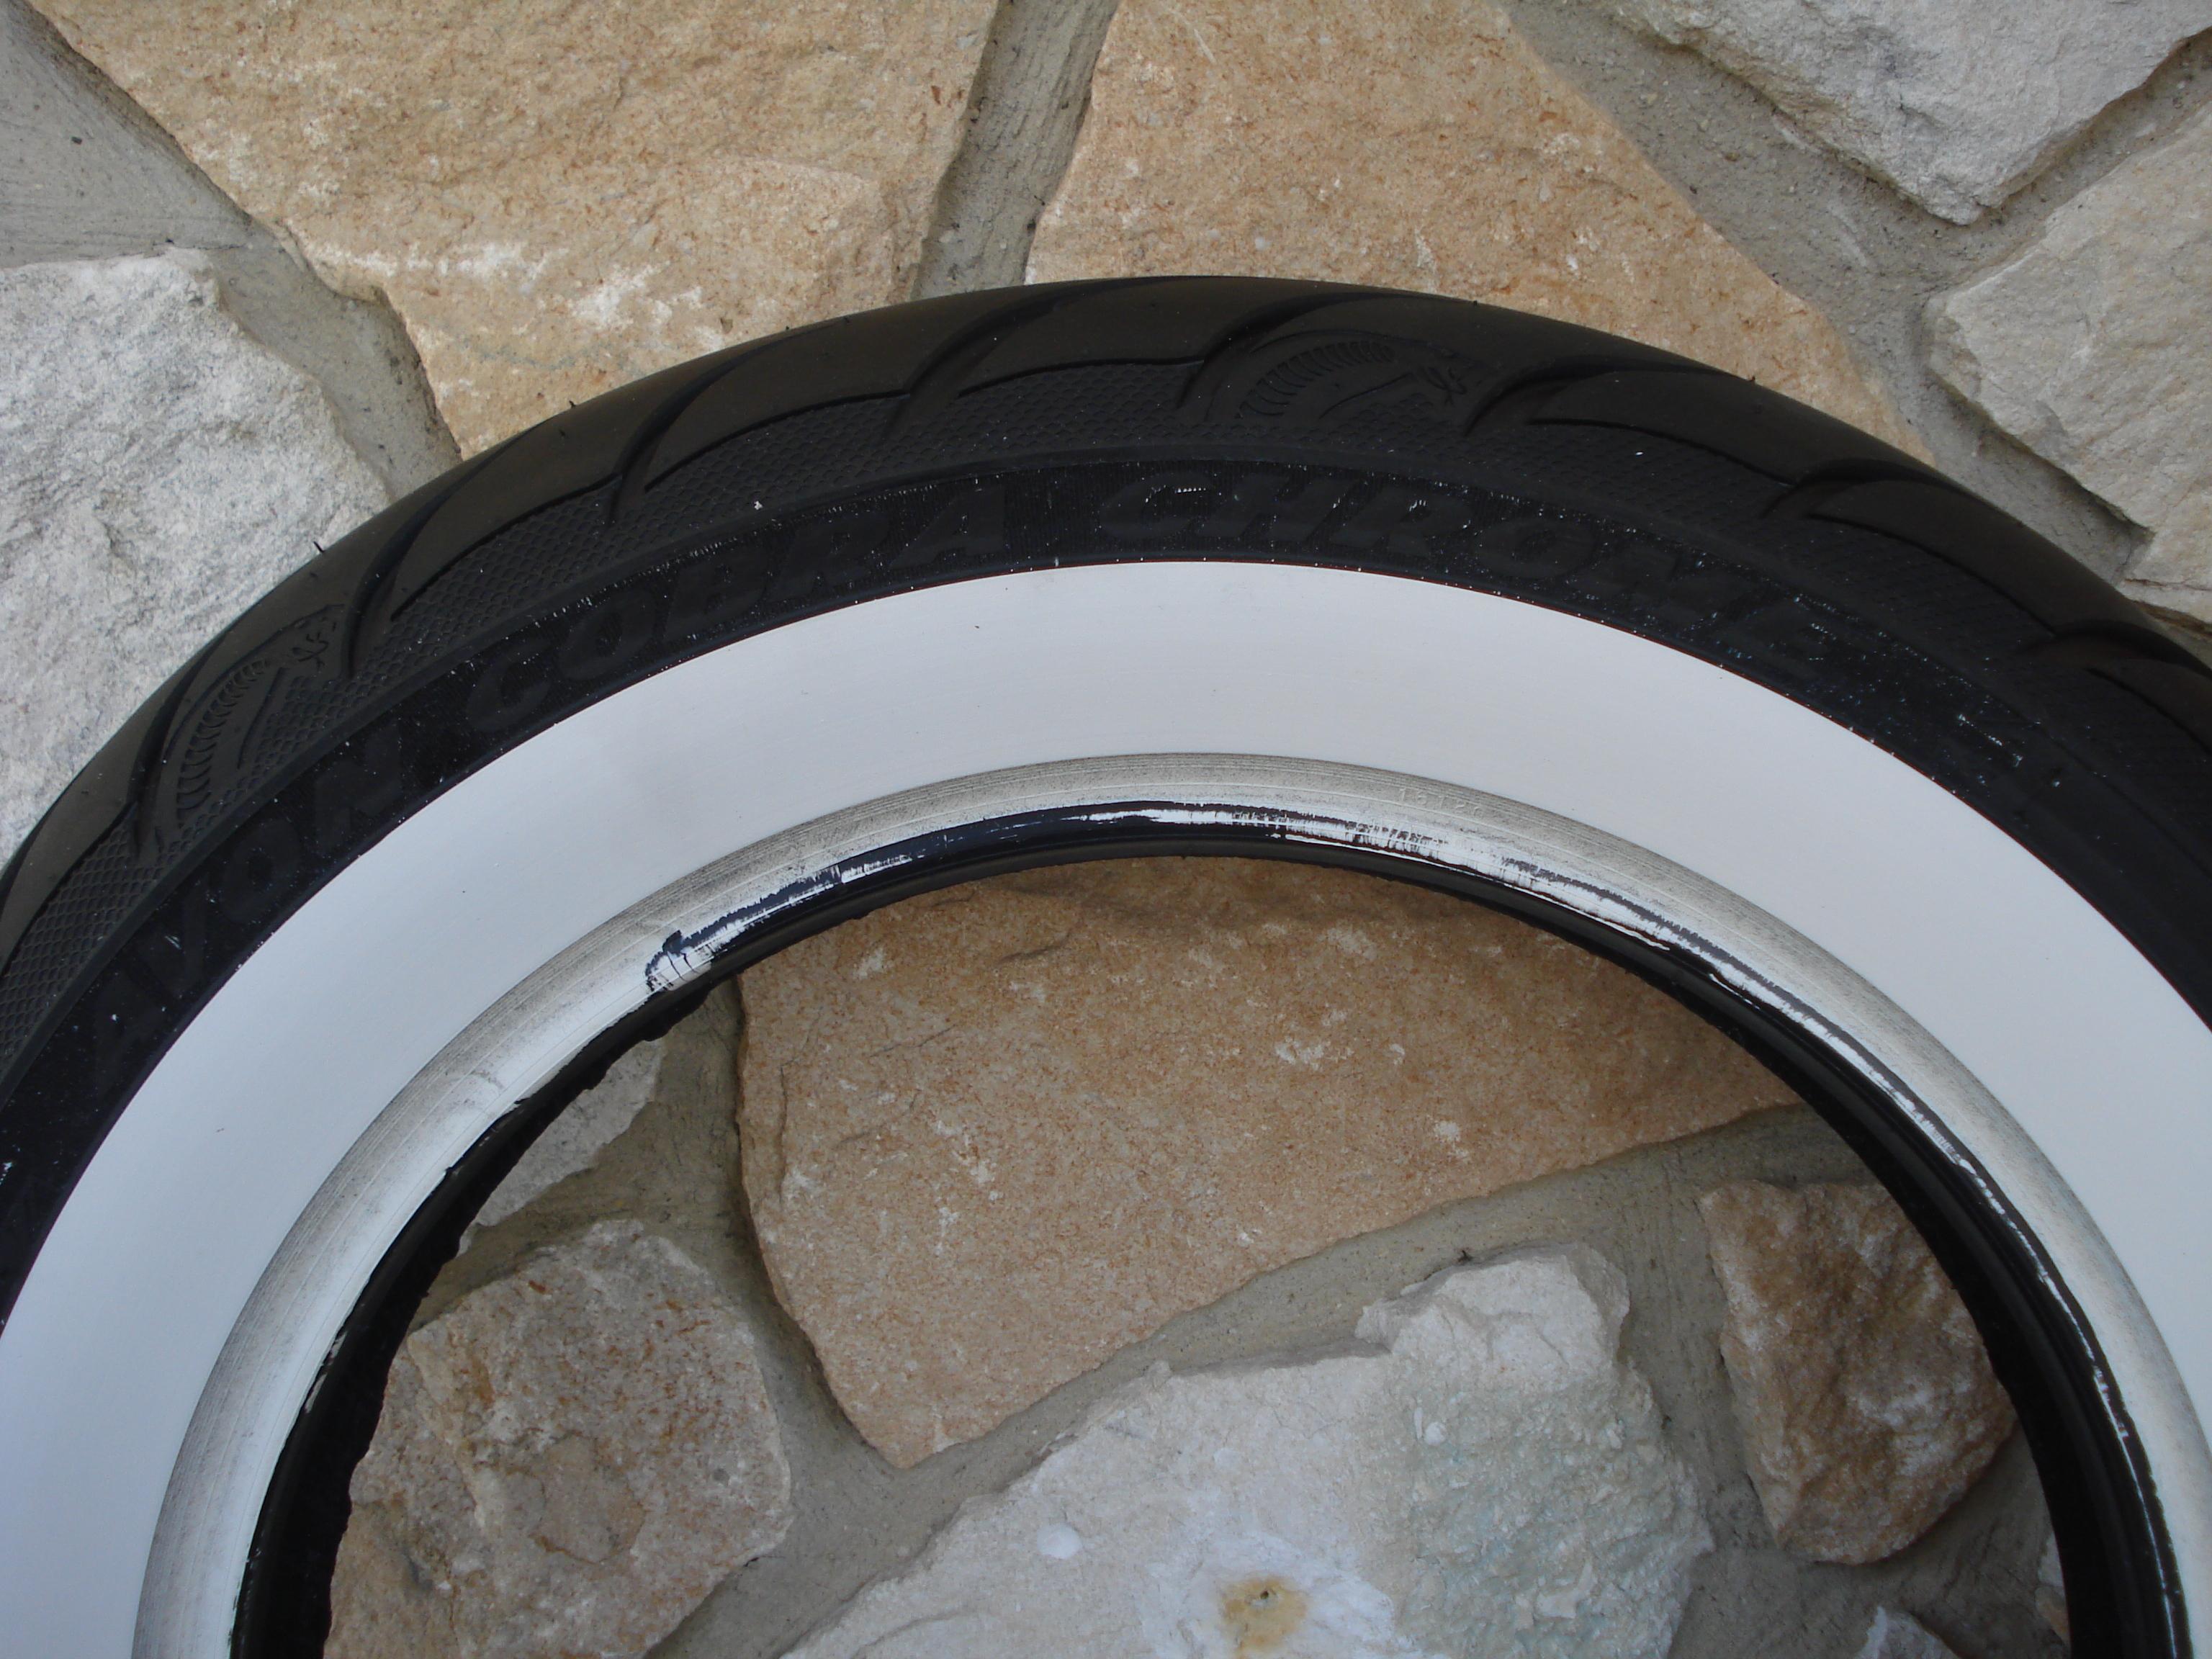 150/80B16 WWW AVON AV92 COBRA CHROME WIDE WHITE WALL REAR TIRE